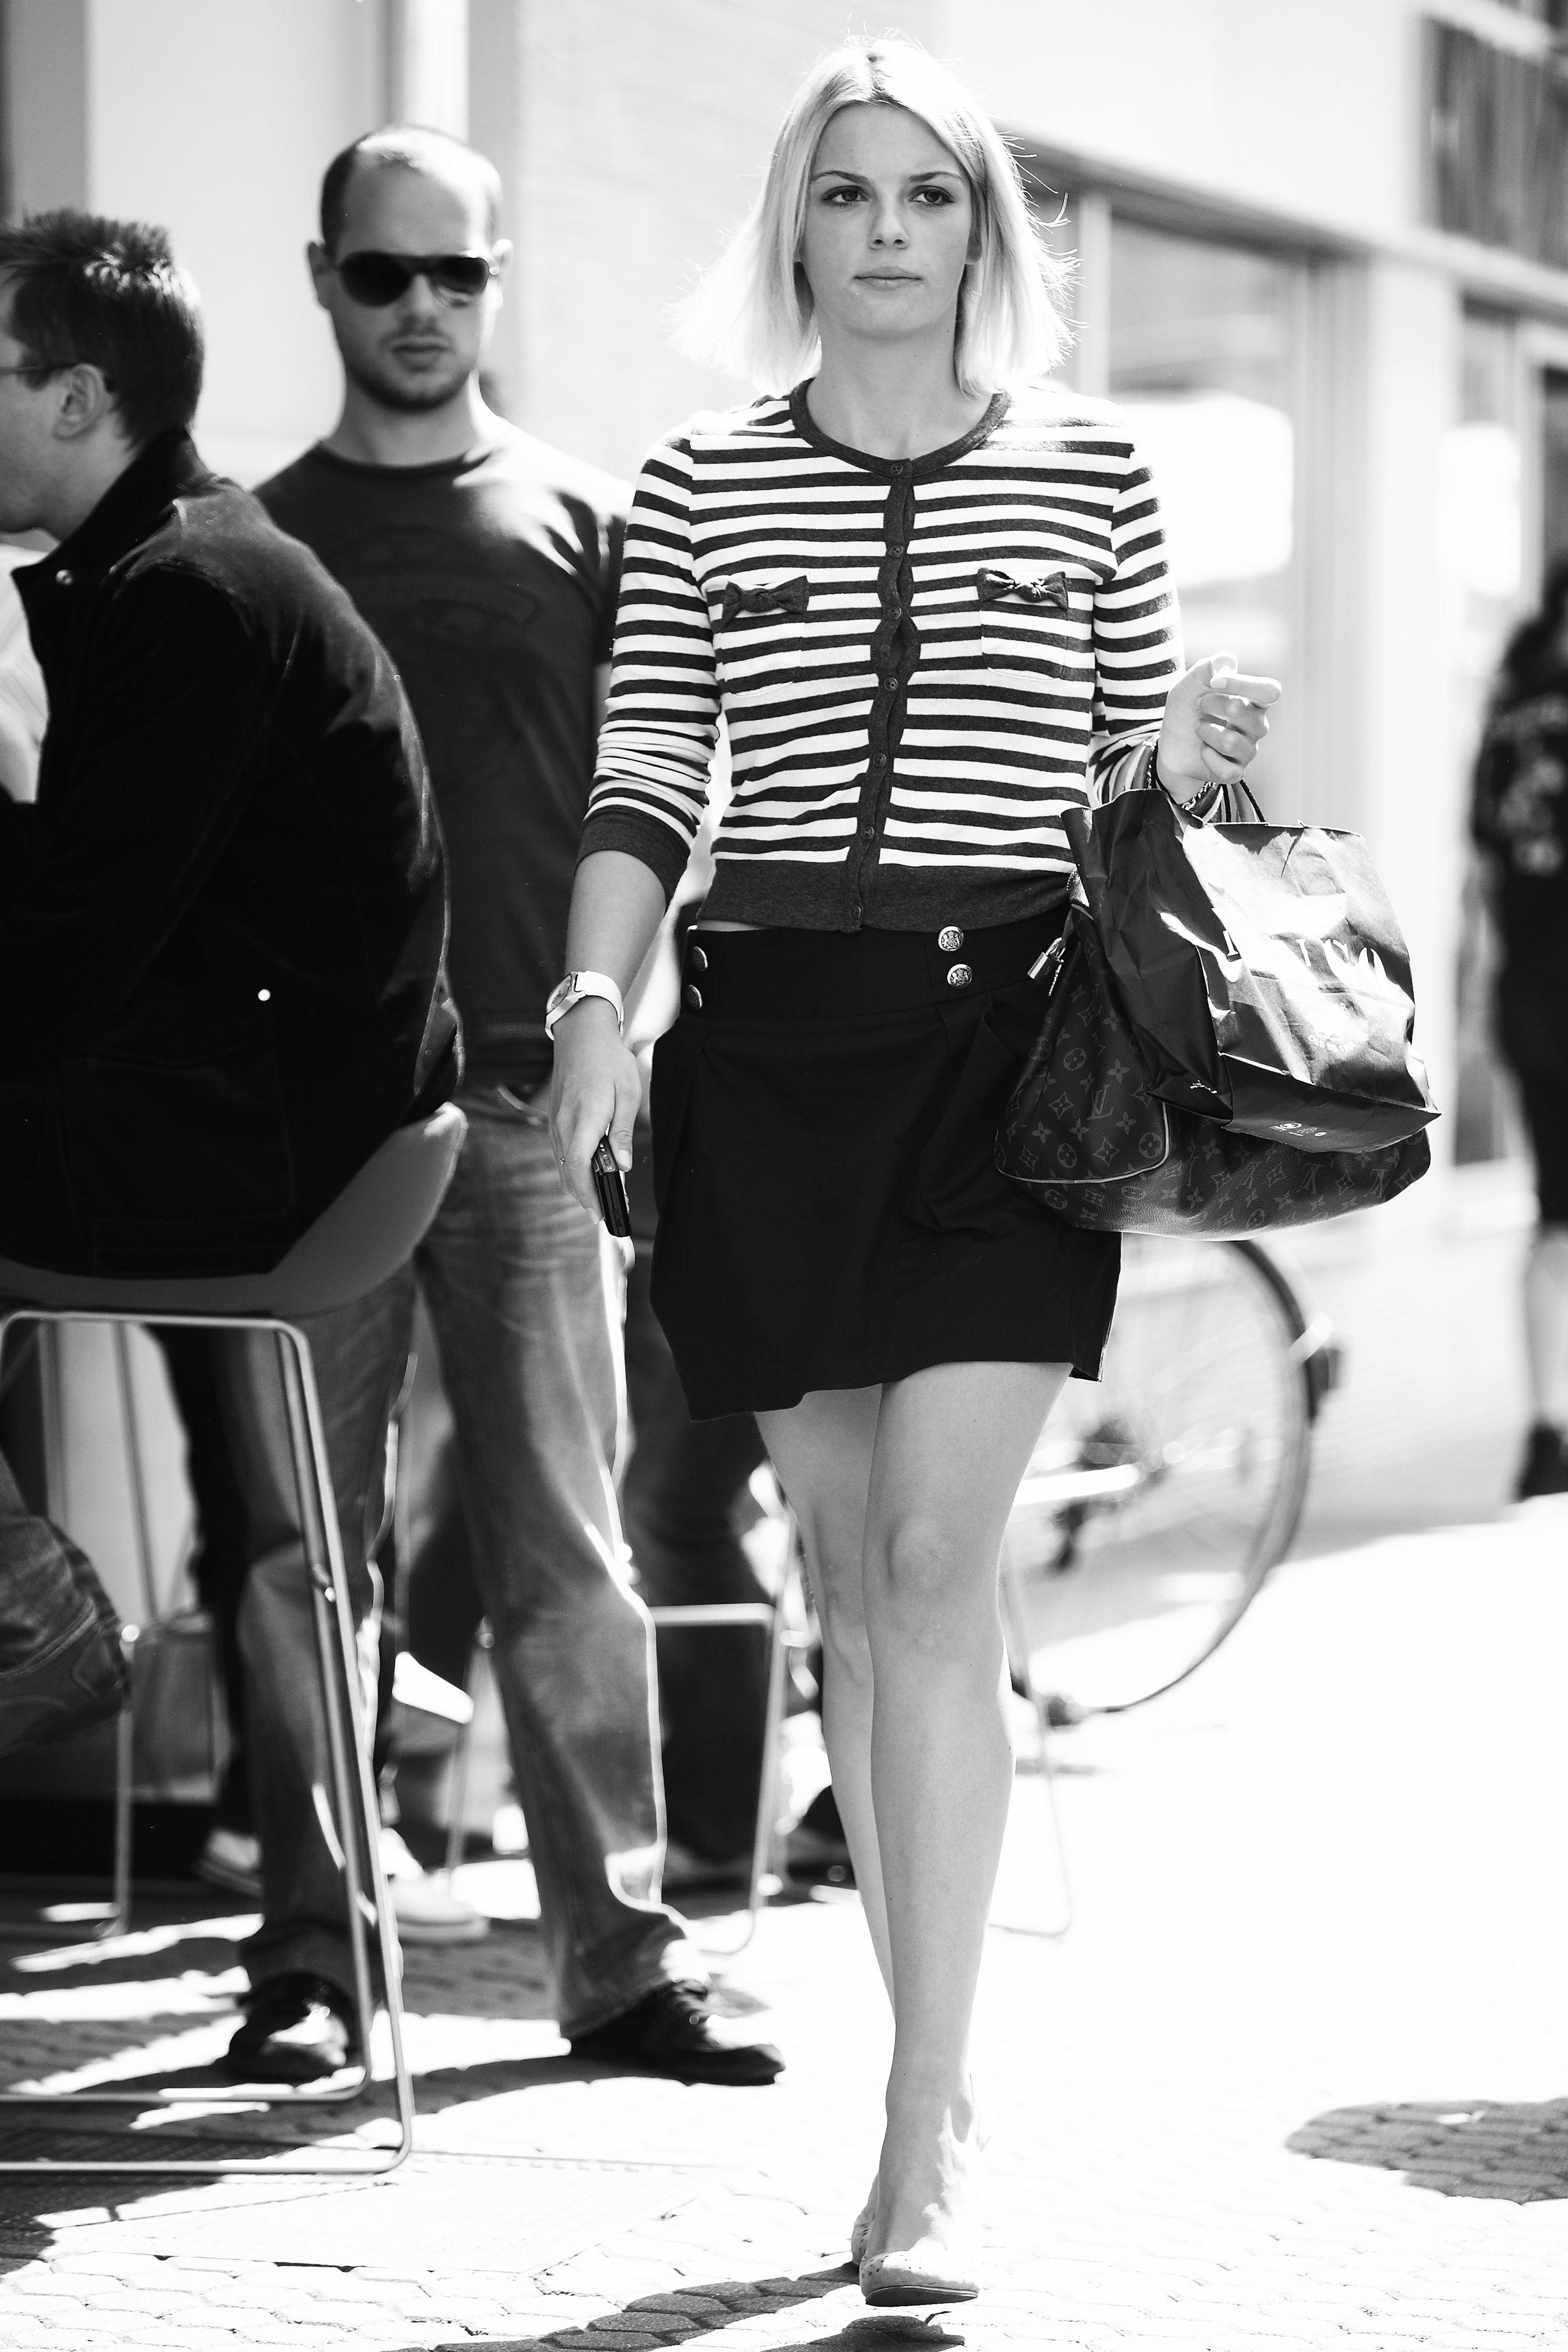 Prije osam godina svi su se pitali tko je ta zgodna i stylish djevojka, a danas stilom još više osvaja!